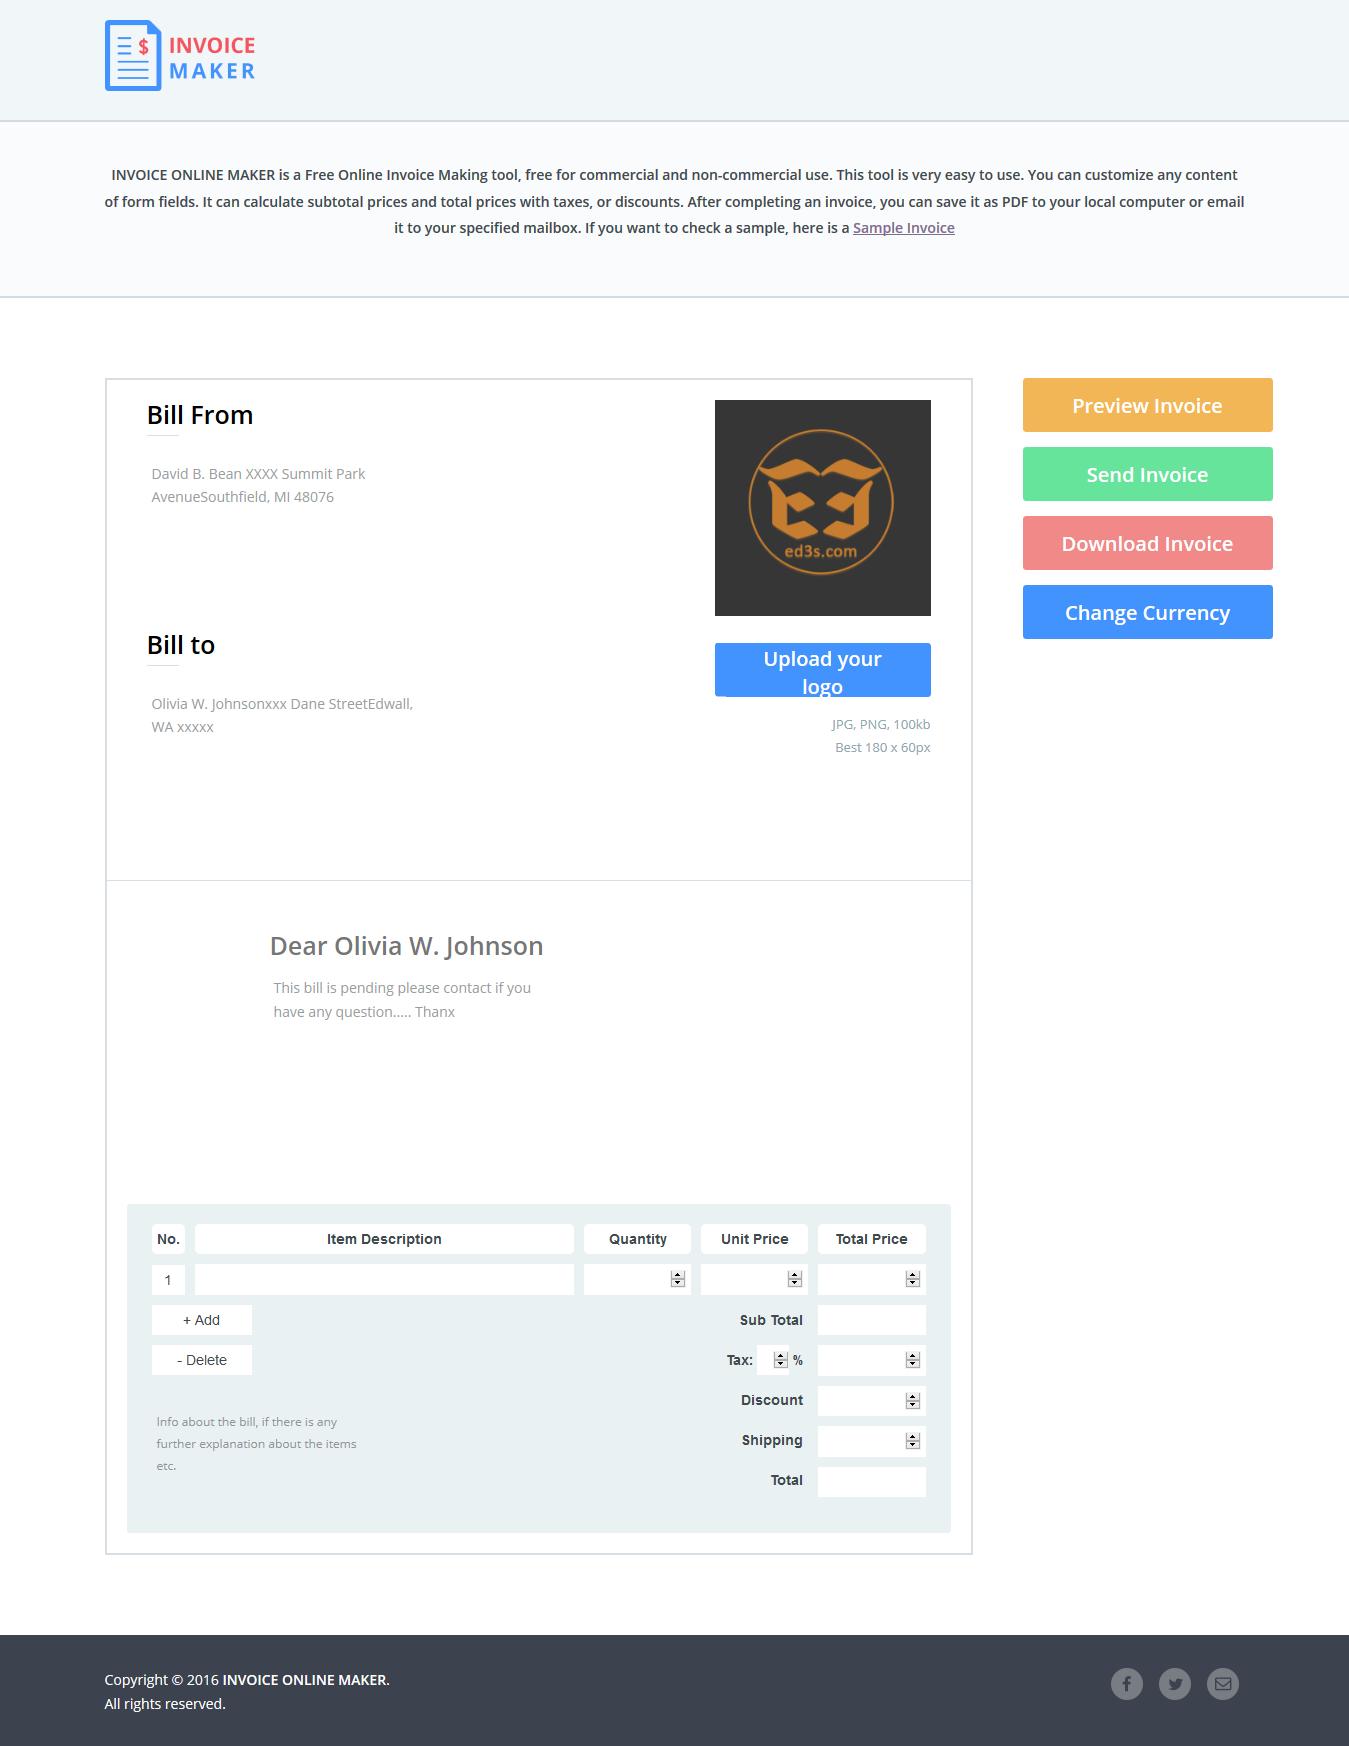 موقع Invoice Online Maker لانشاء فاتورة الكترونية